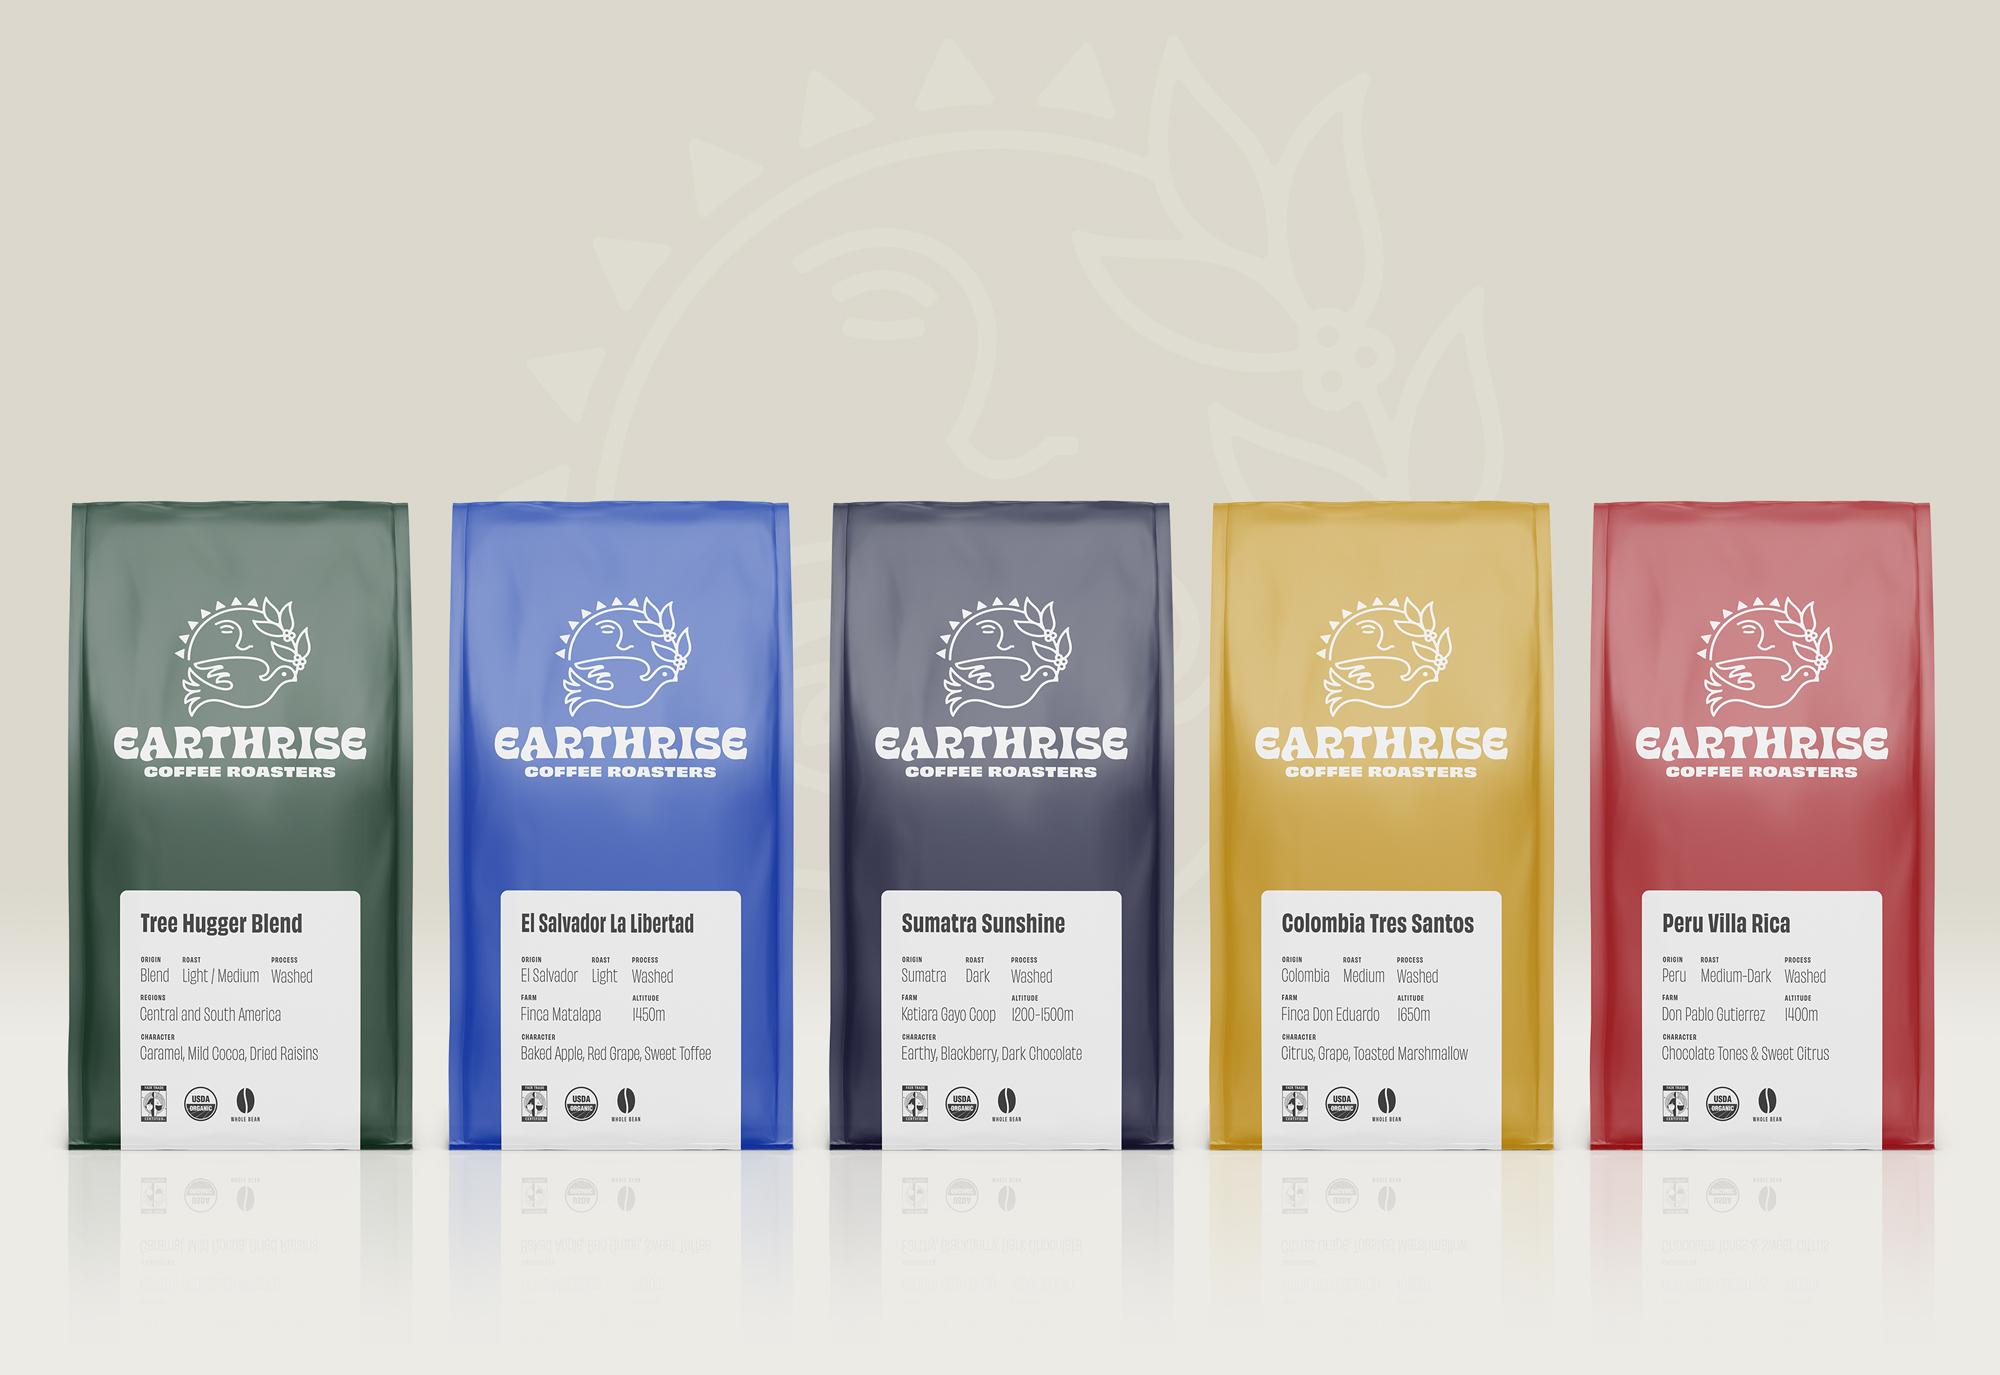 Earthrise Coffee Roasters Packaging Lineup